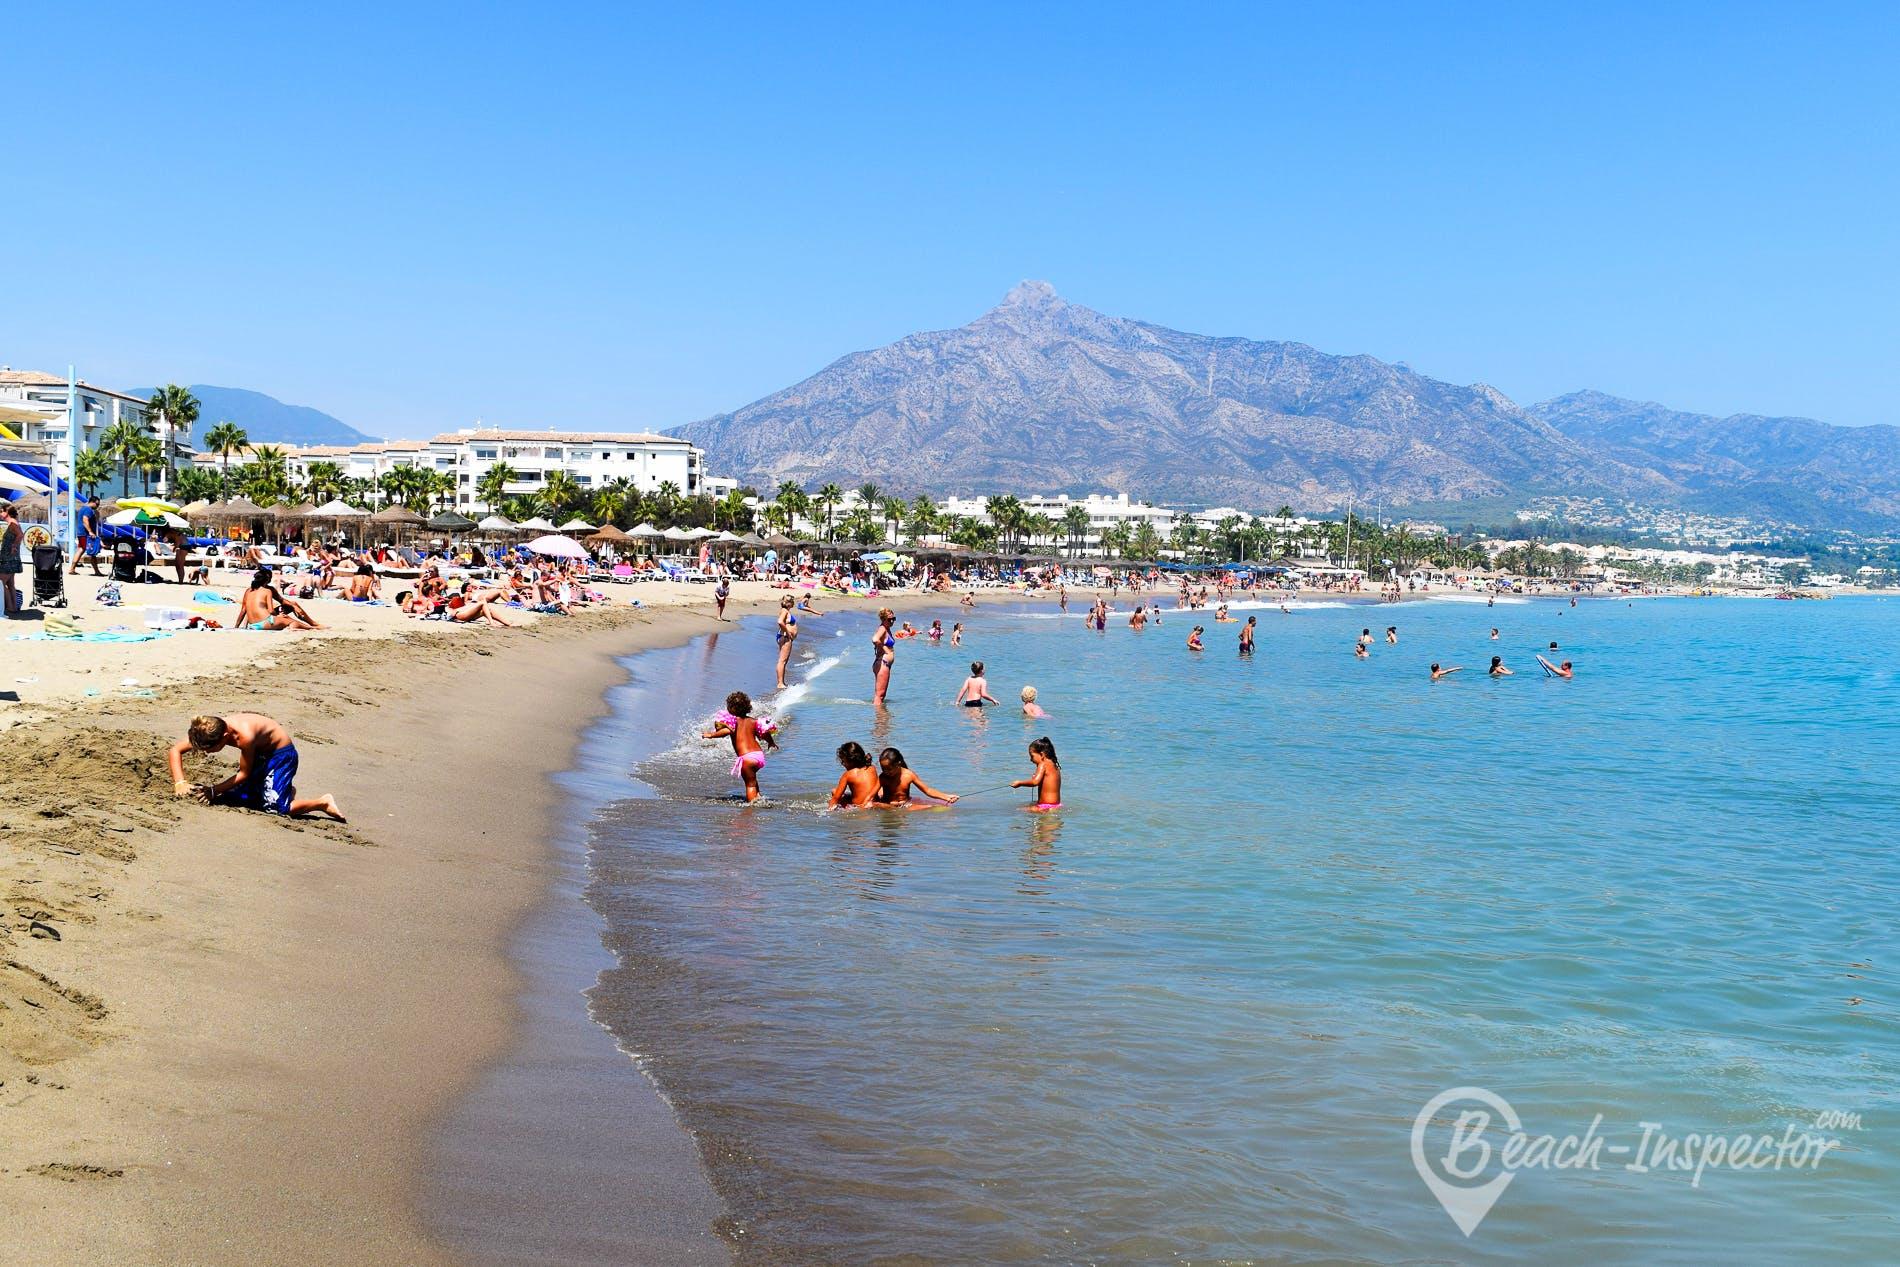 Beach Playa de Puerto Banús, Costa del Sol, Spain